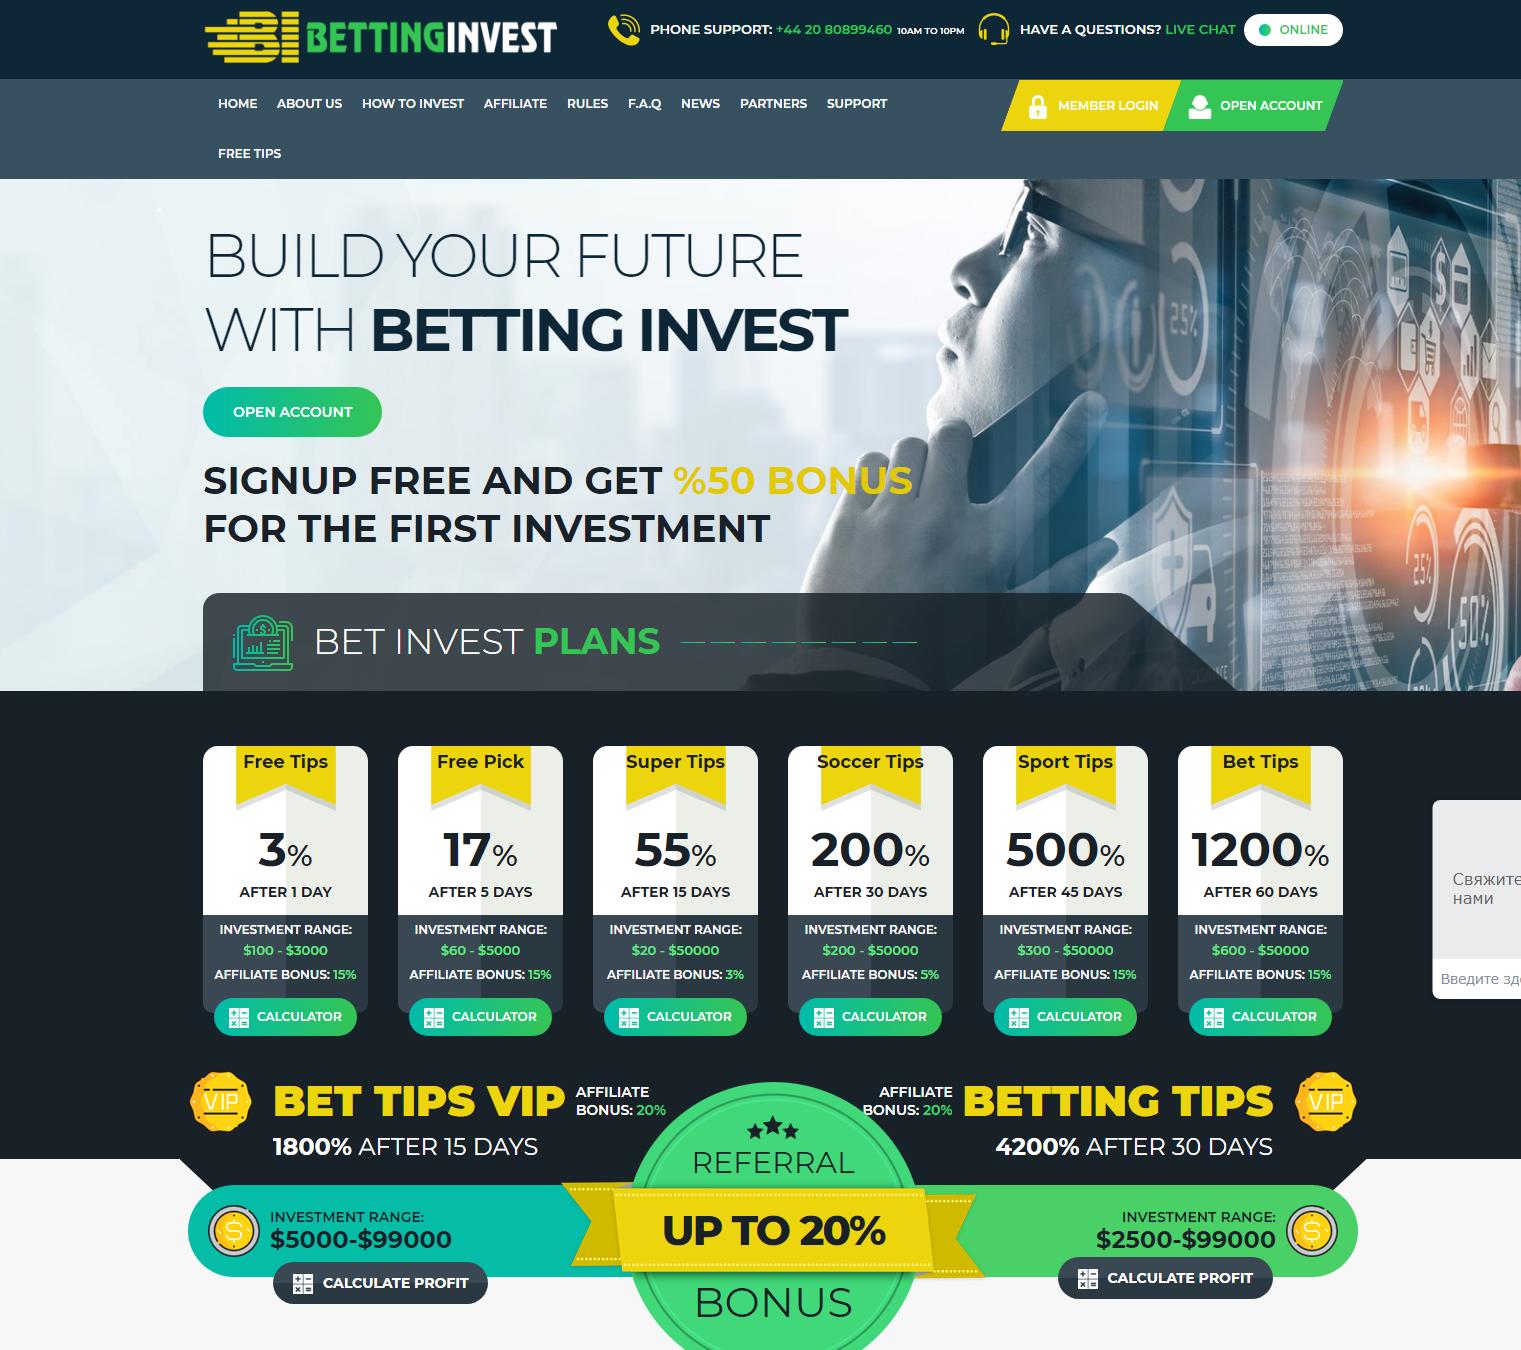 Скачать бесплатно скрипт хайпа BettingInvest